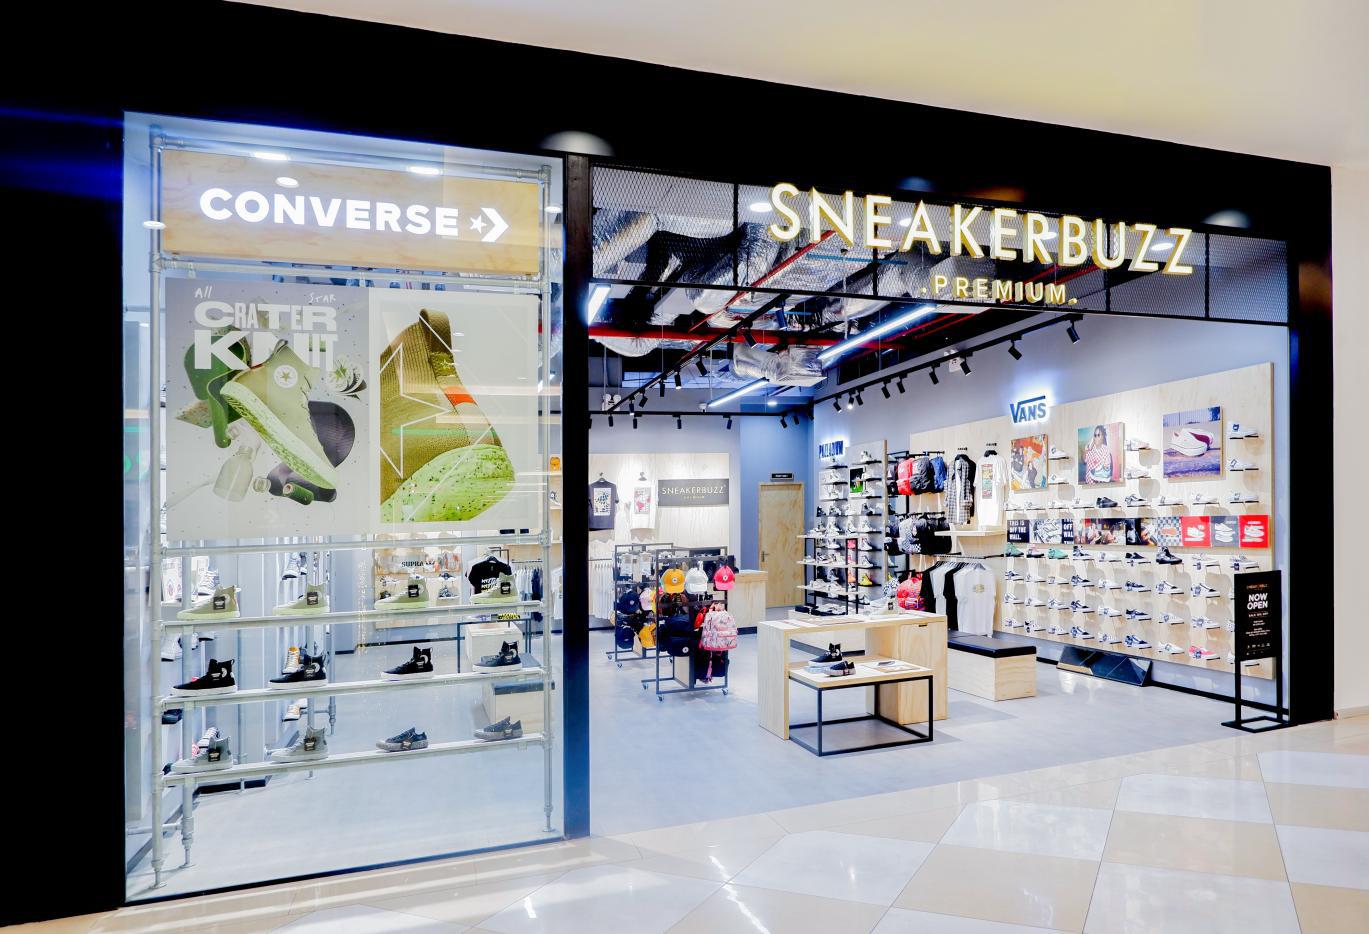 """Khám phá ngay không gian mua sắm """"sang xịn mịn"""" Premium Store của Sneaker Buzz vừa chính thức có mặt tại Hà Nội - Ảnh 1."""